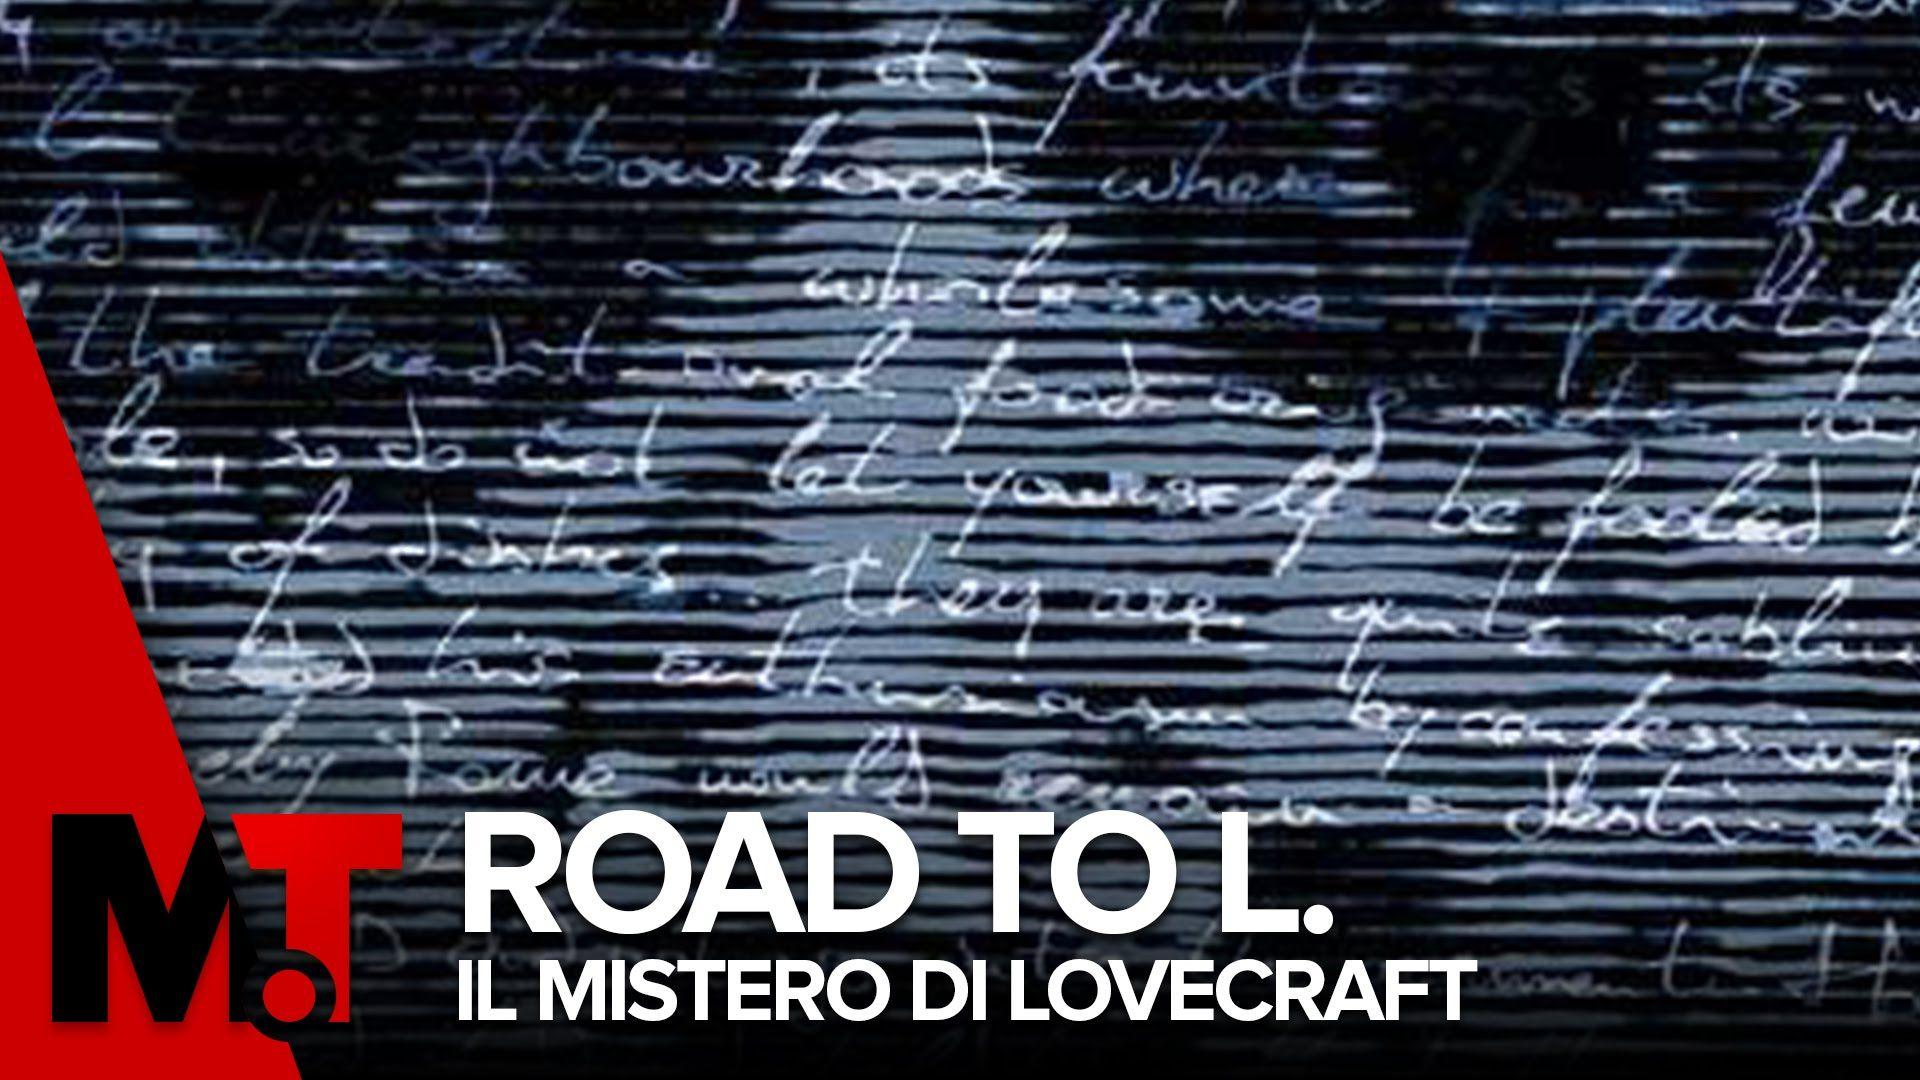 Il Mistero Di Lovecraft Road To L Film Completo Ita Film Completi Film Fantascienza